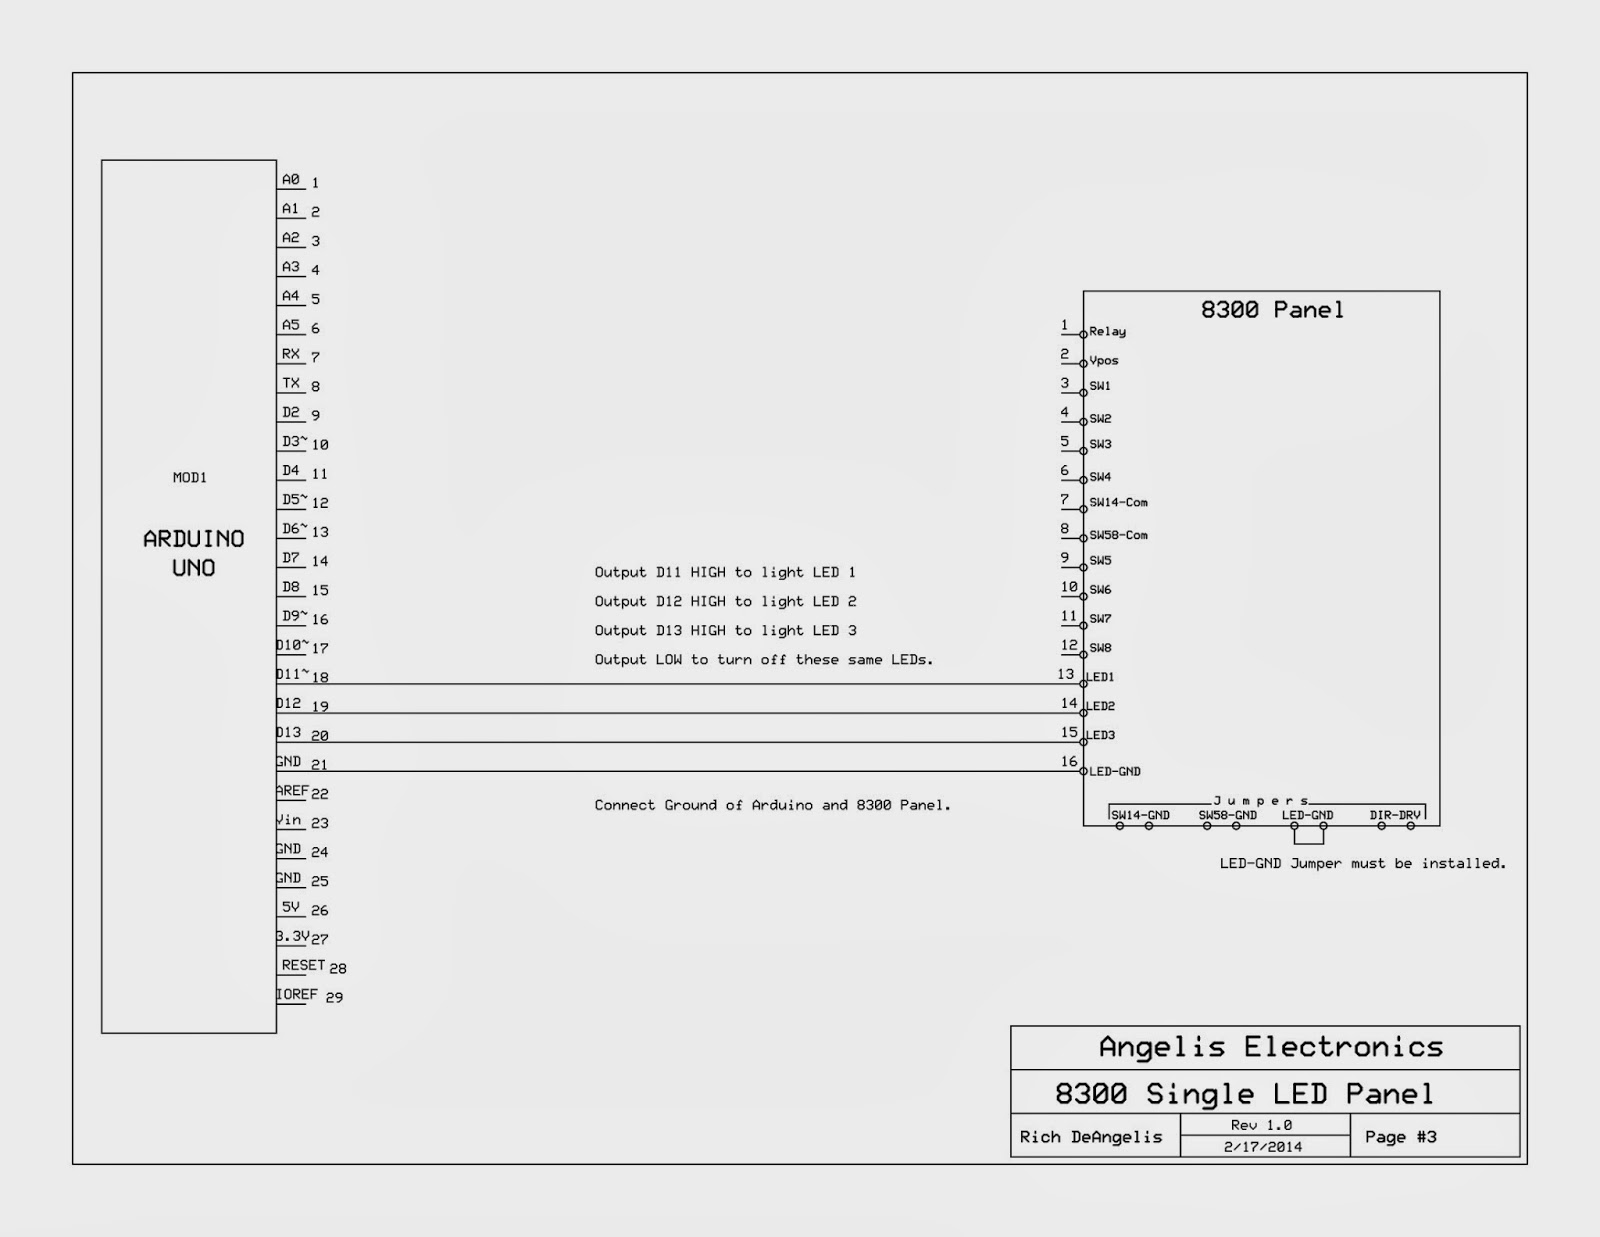 angelis electronics 8300 control panel